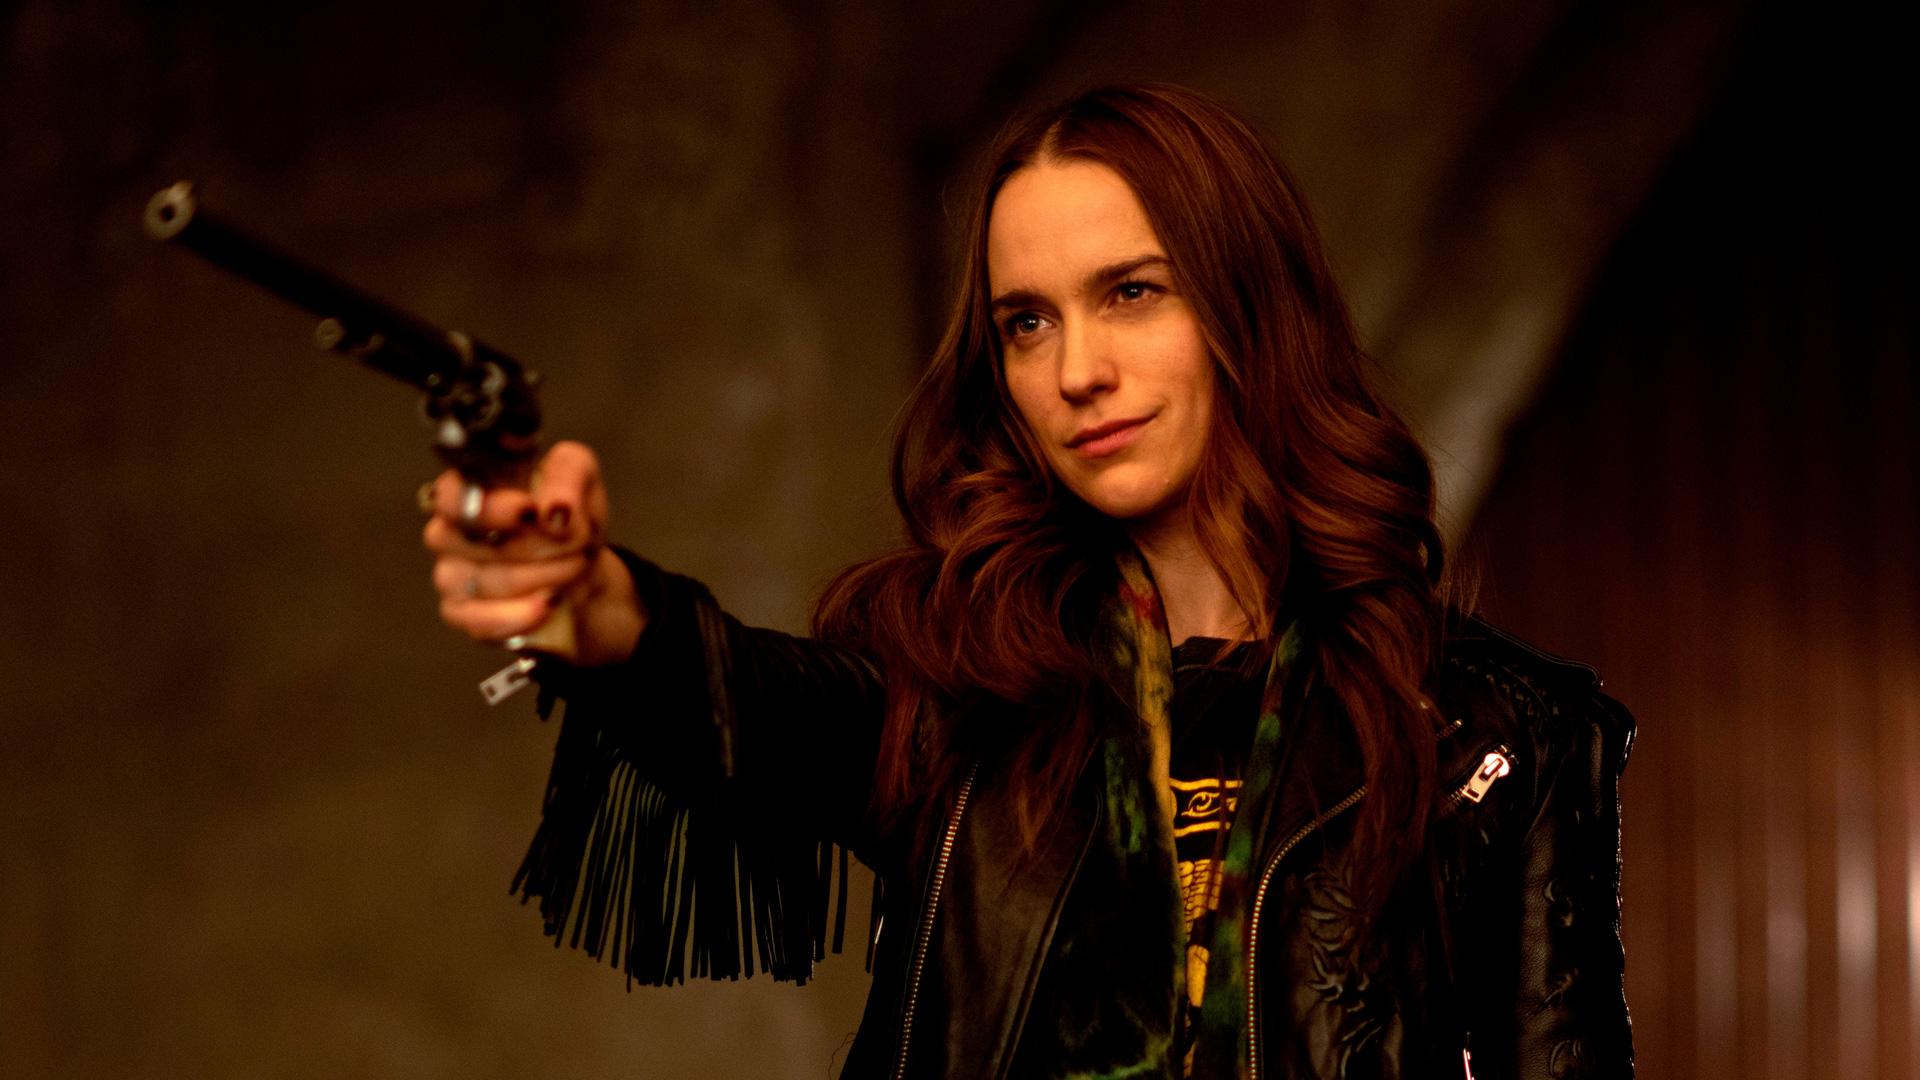 Wynonna (Melanie Scrofano) zielt mit ihrer Pistole